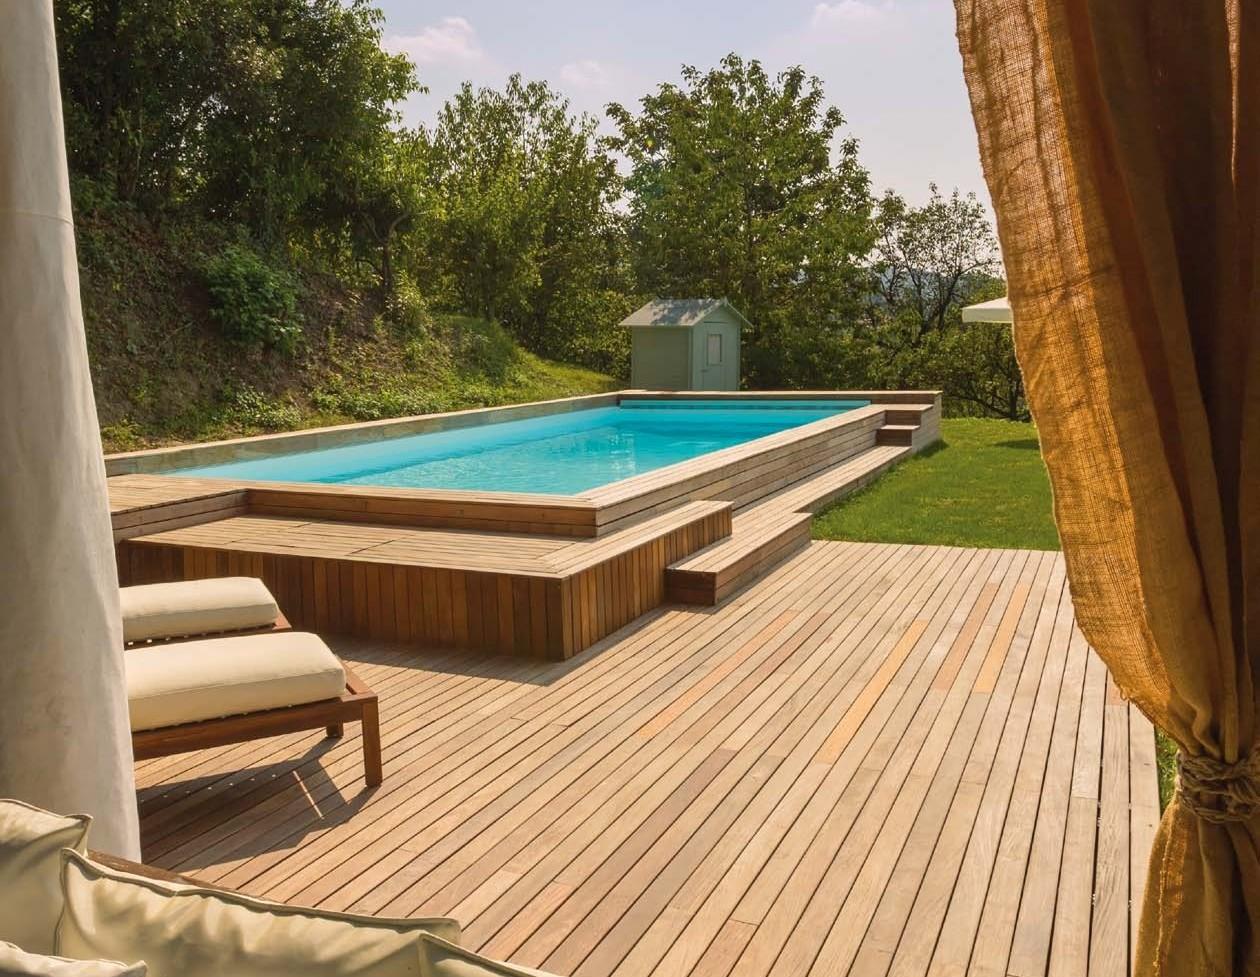 Piscine Da Esterno Rivestite In Legno il fascino di una piscina in legno da esterni - piscina service